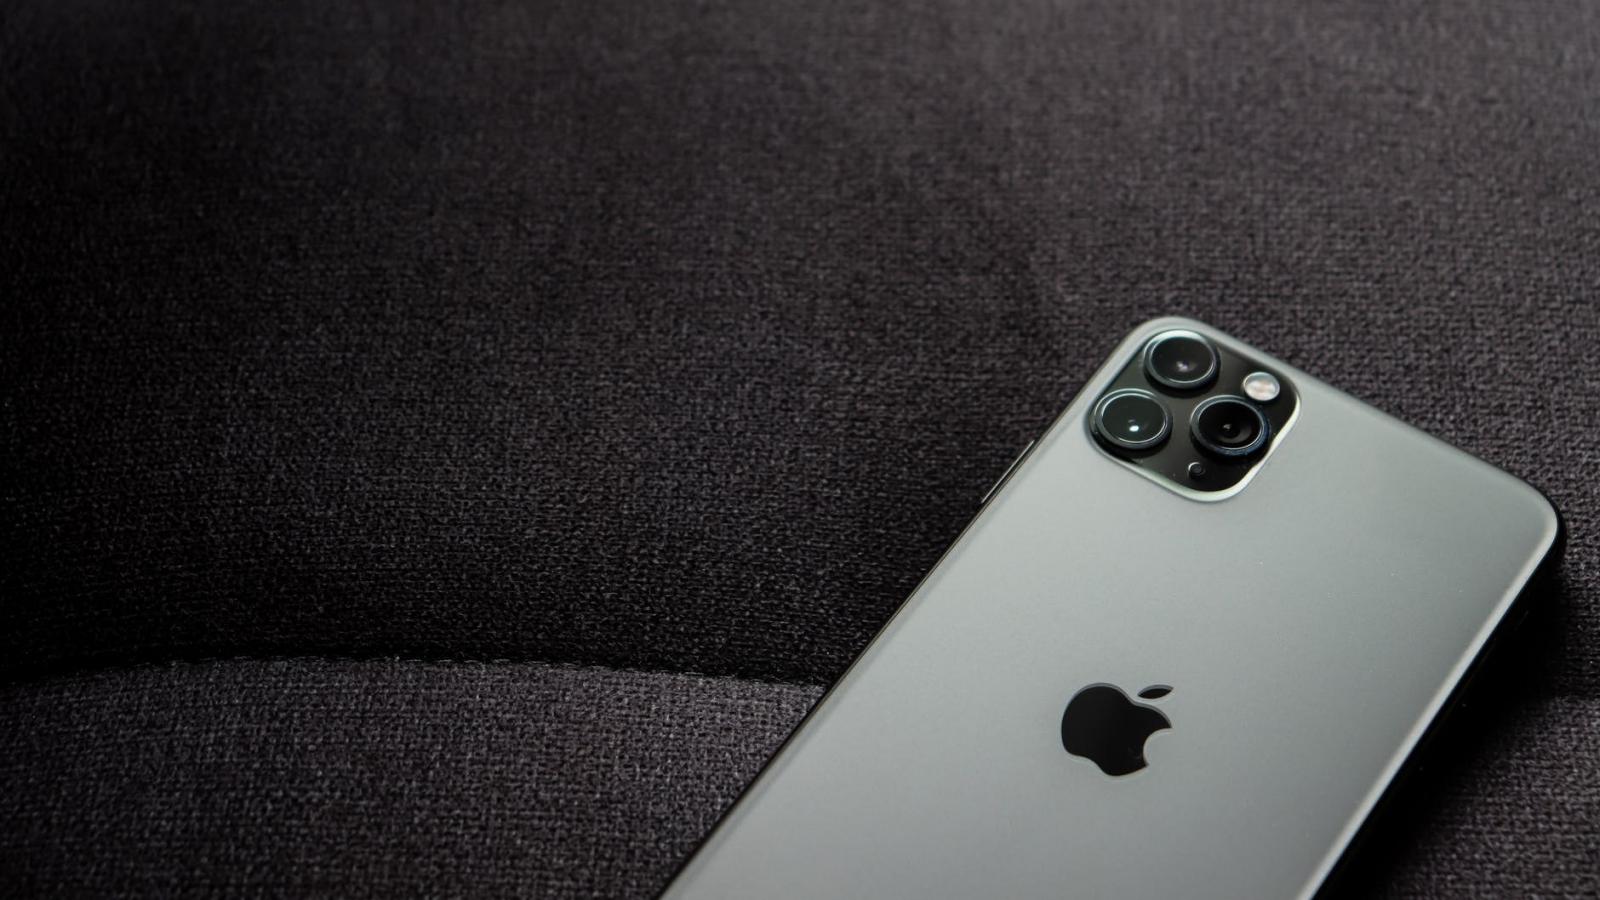 【快訊】更輕、更堅固!供應鏈曝新 iPhone 機身將換更強材質